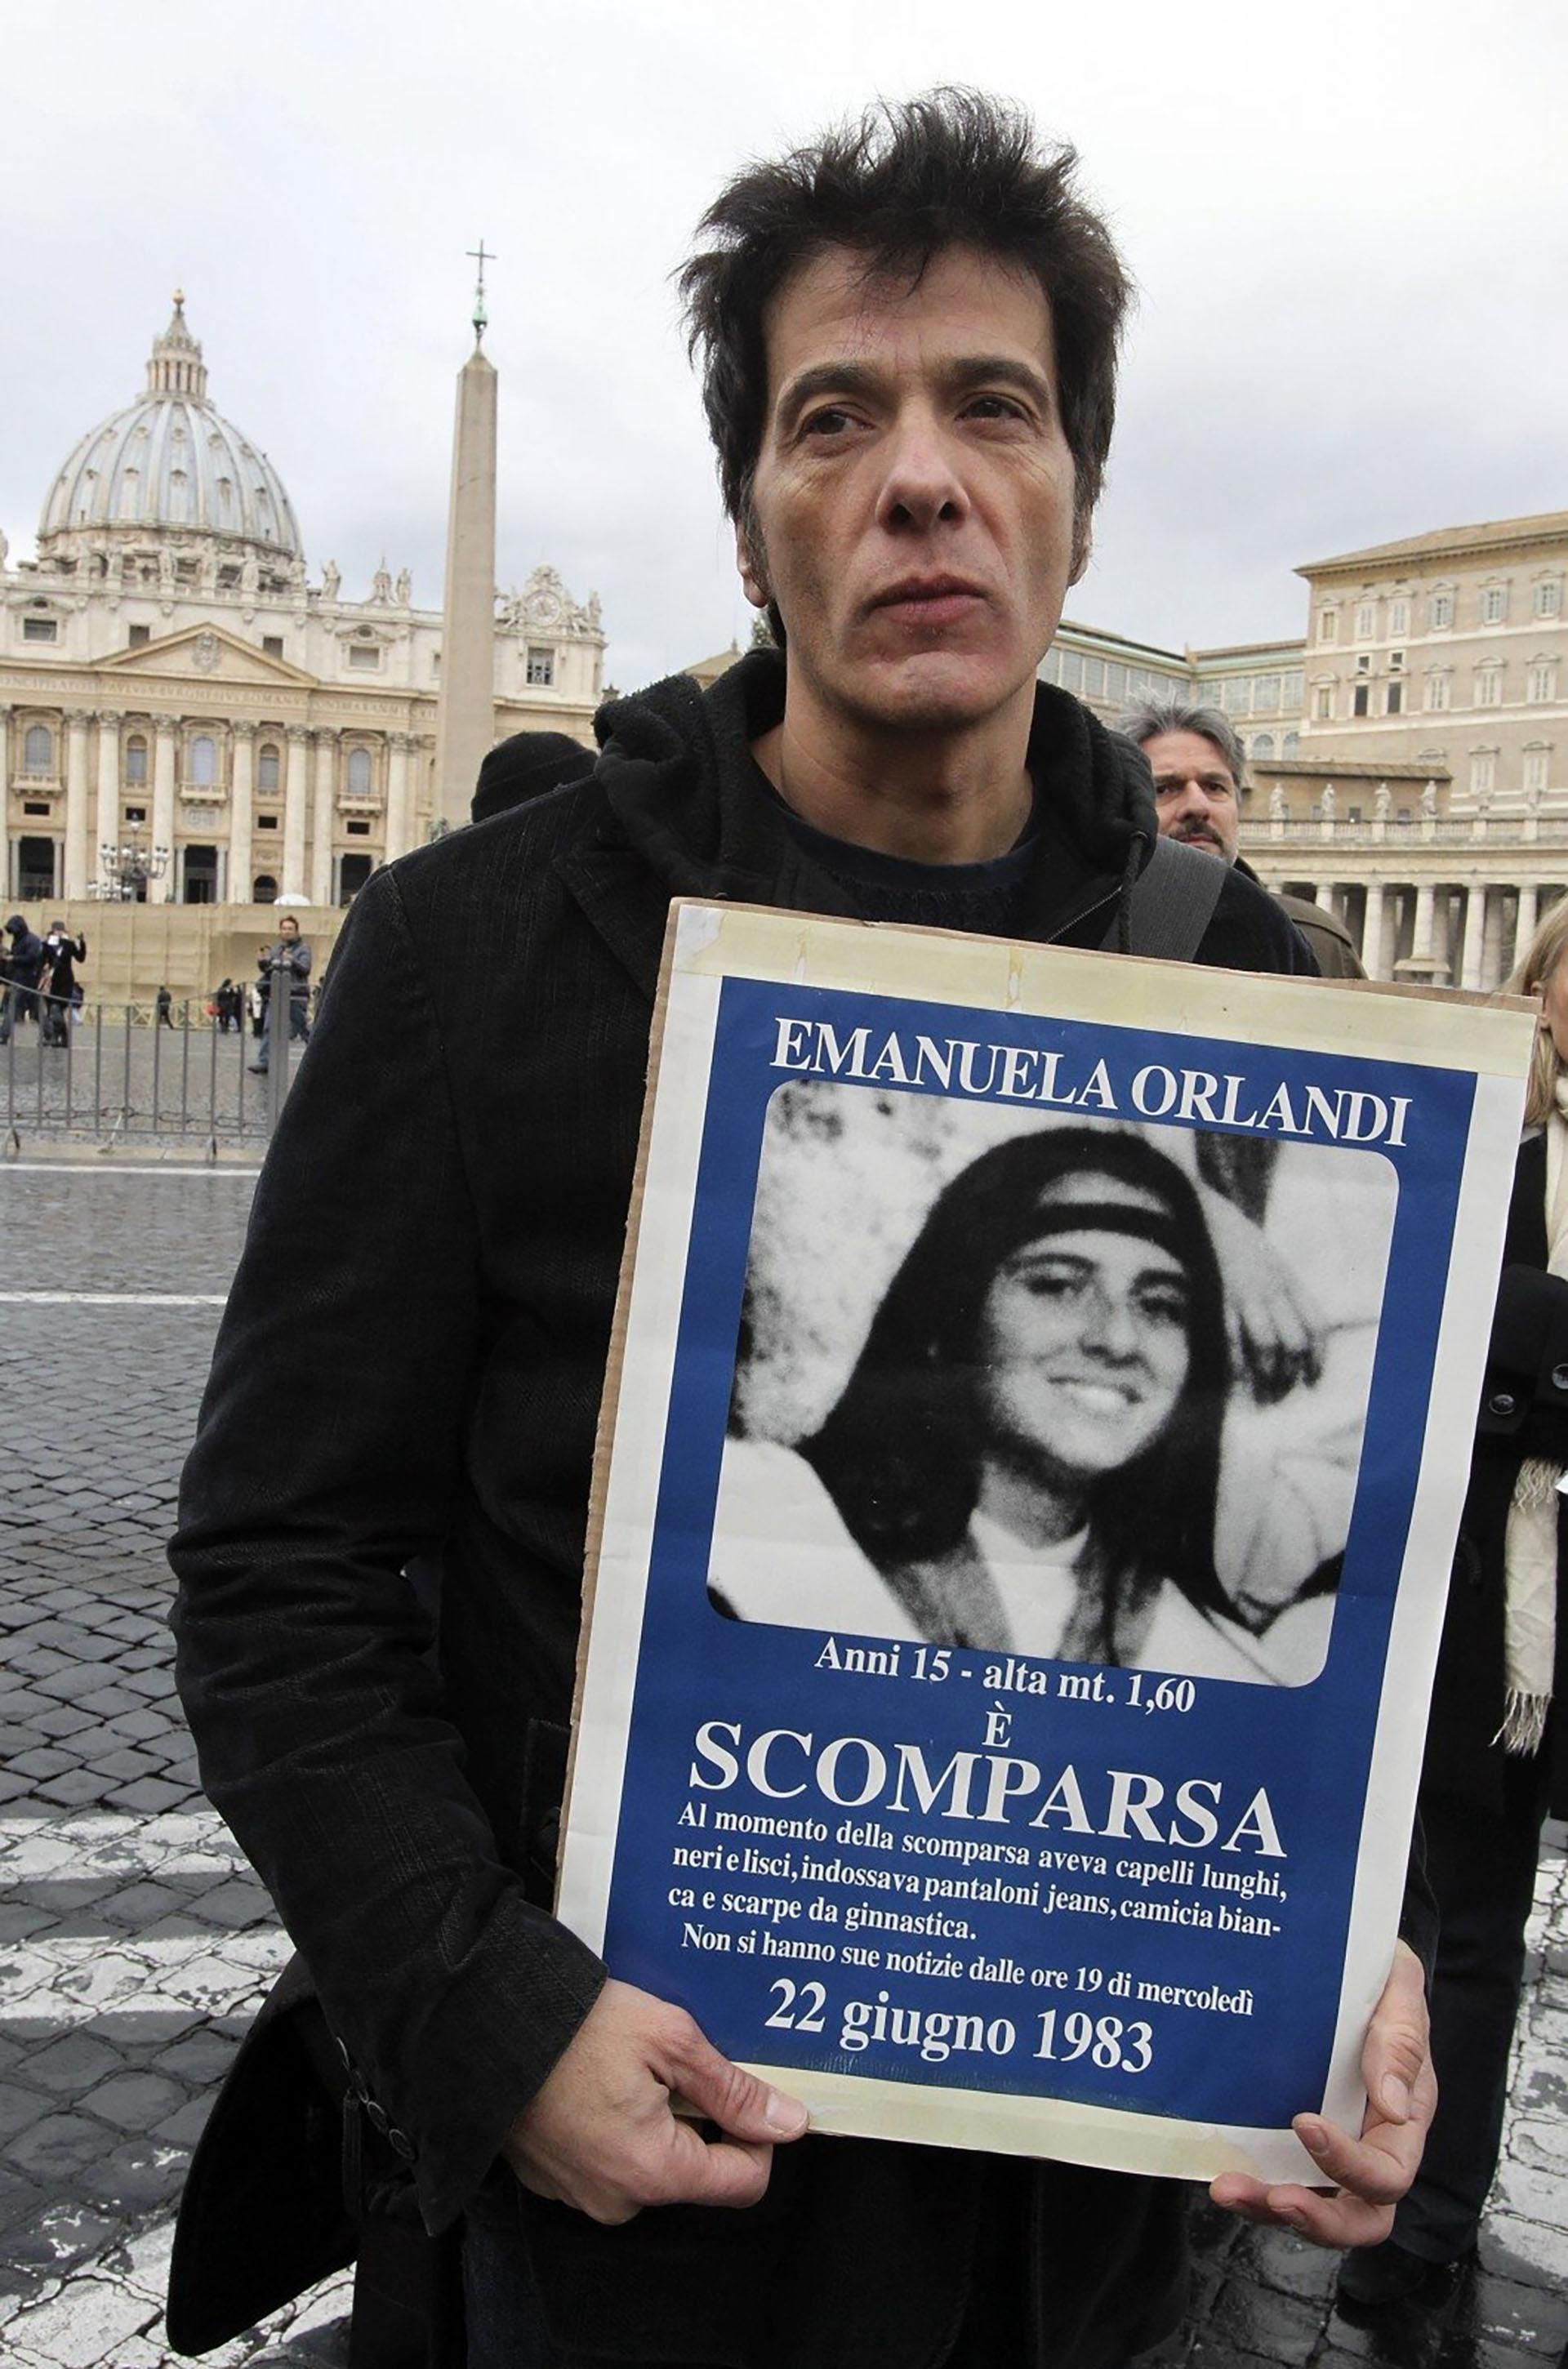 El hermano de Emanuela Orlandi nunca dejó de buscarla